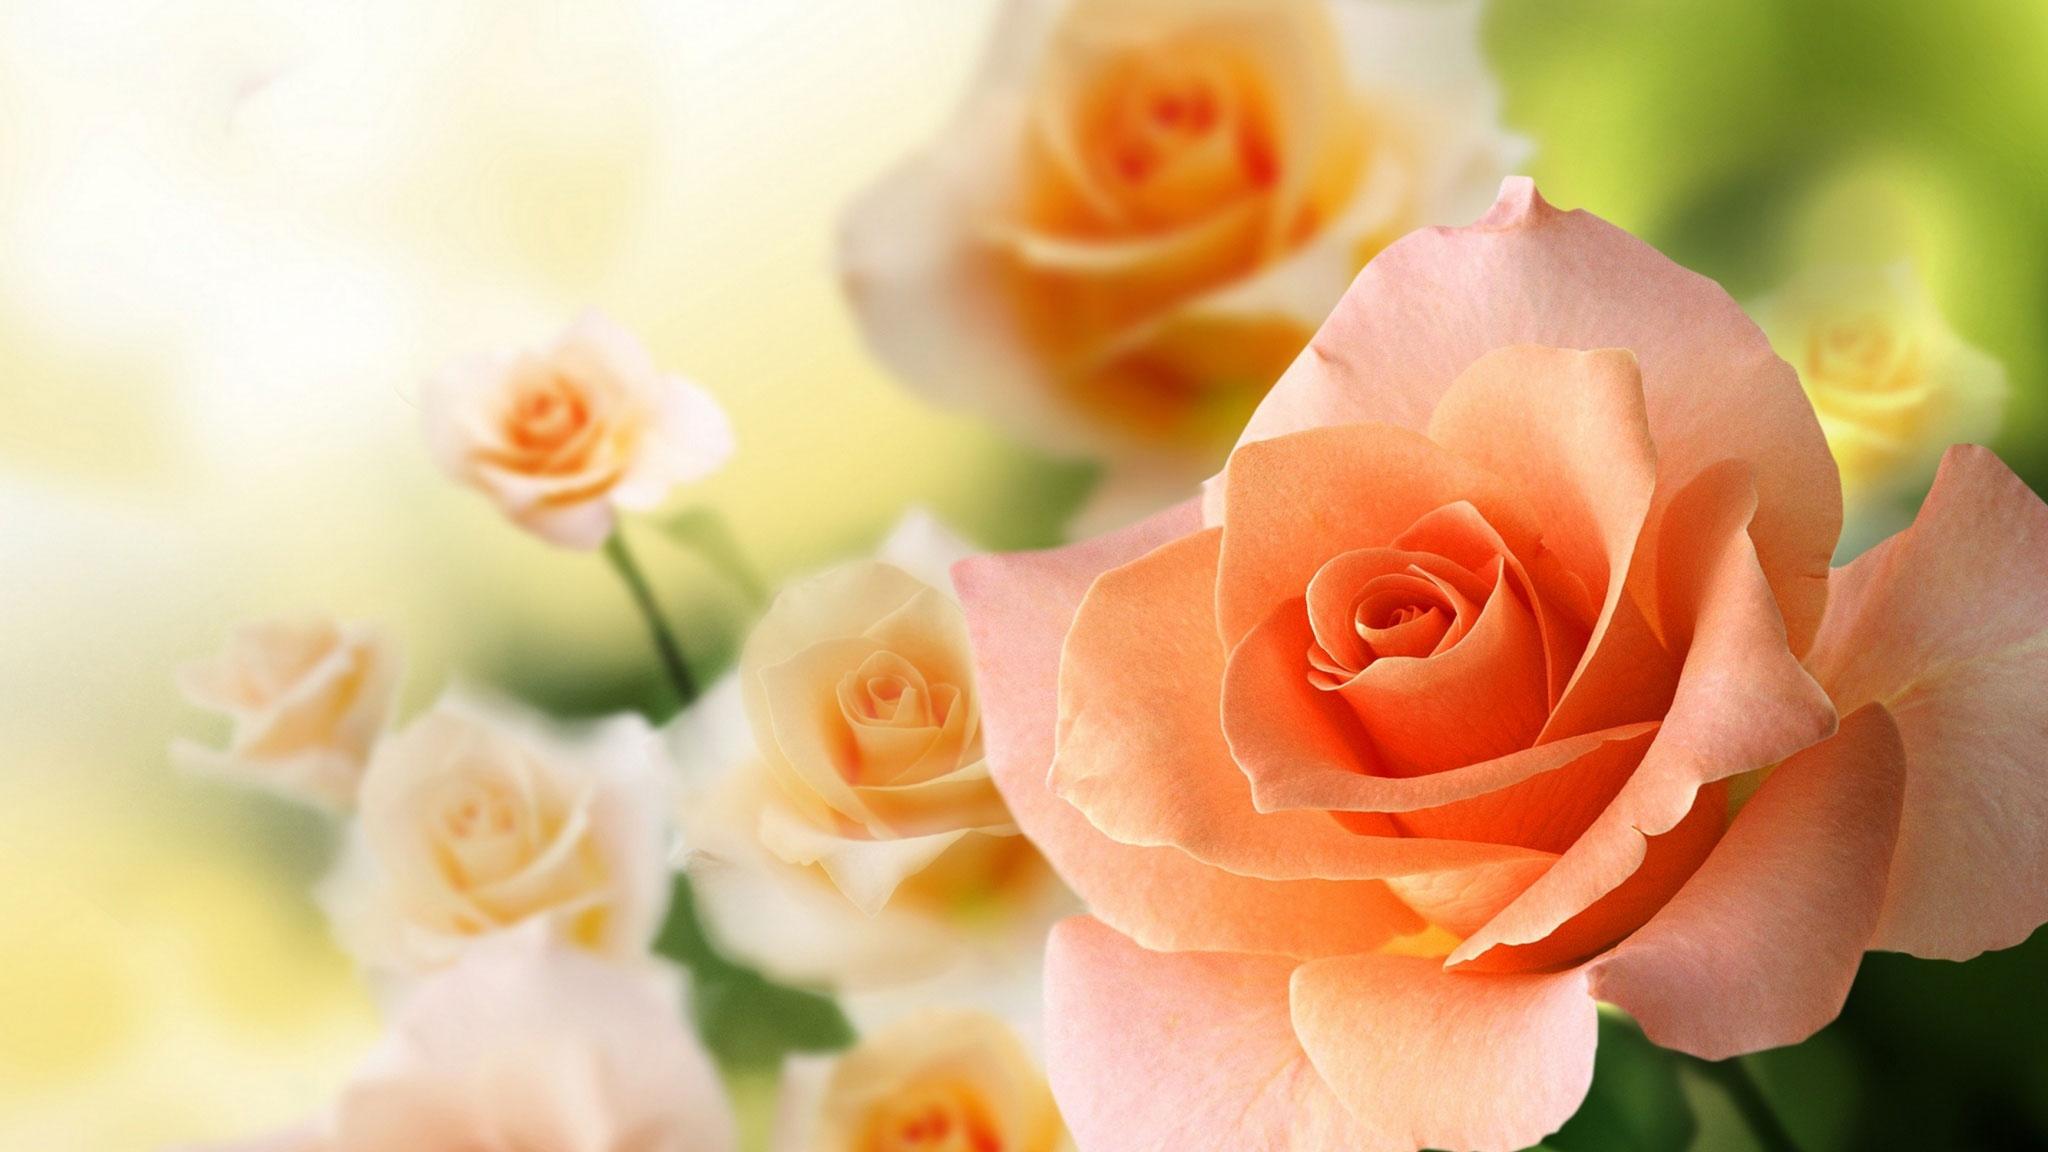 Картинки красивые с розами цветами